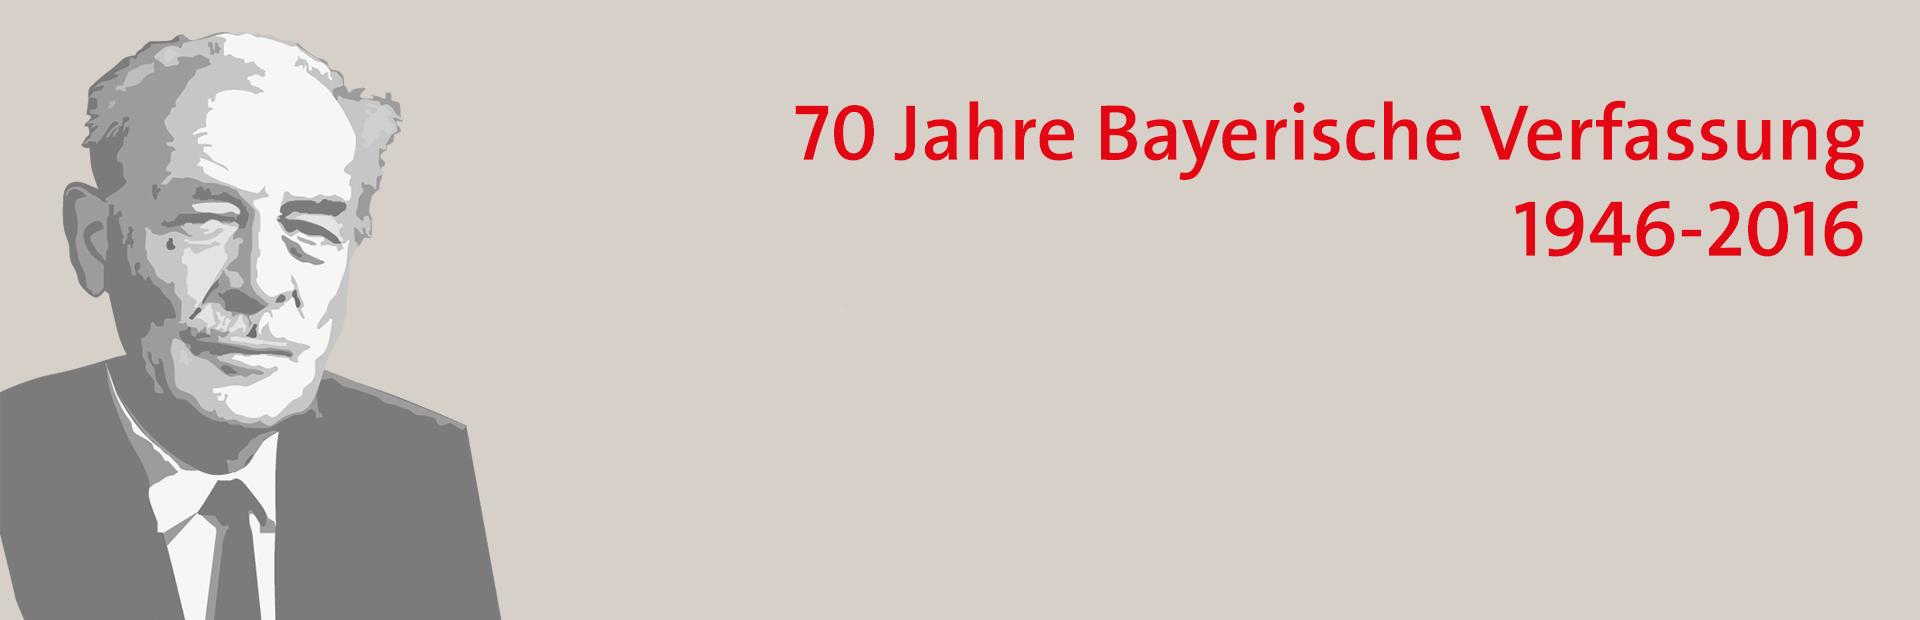 70 Jahre Bayerische Verfassung